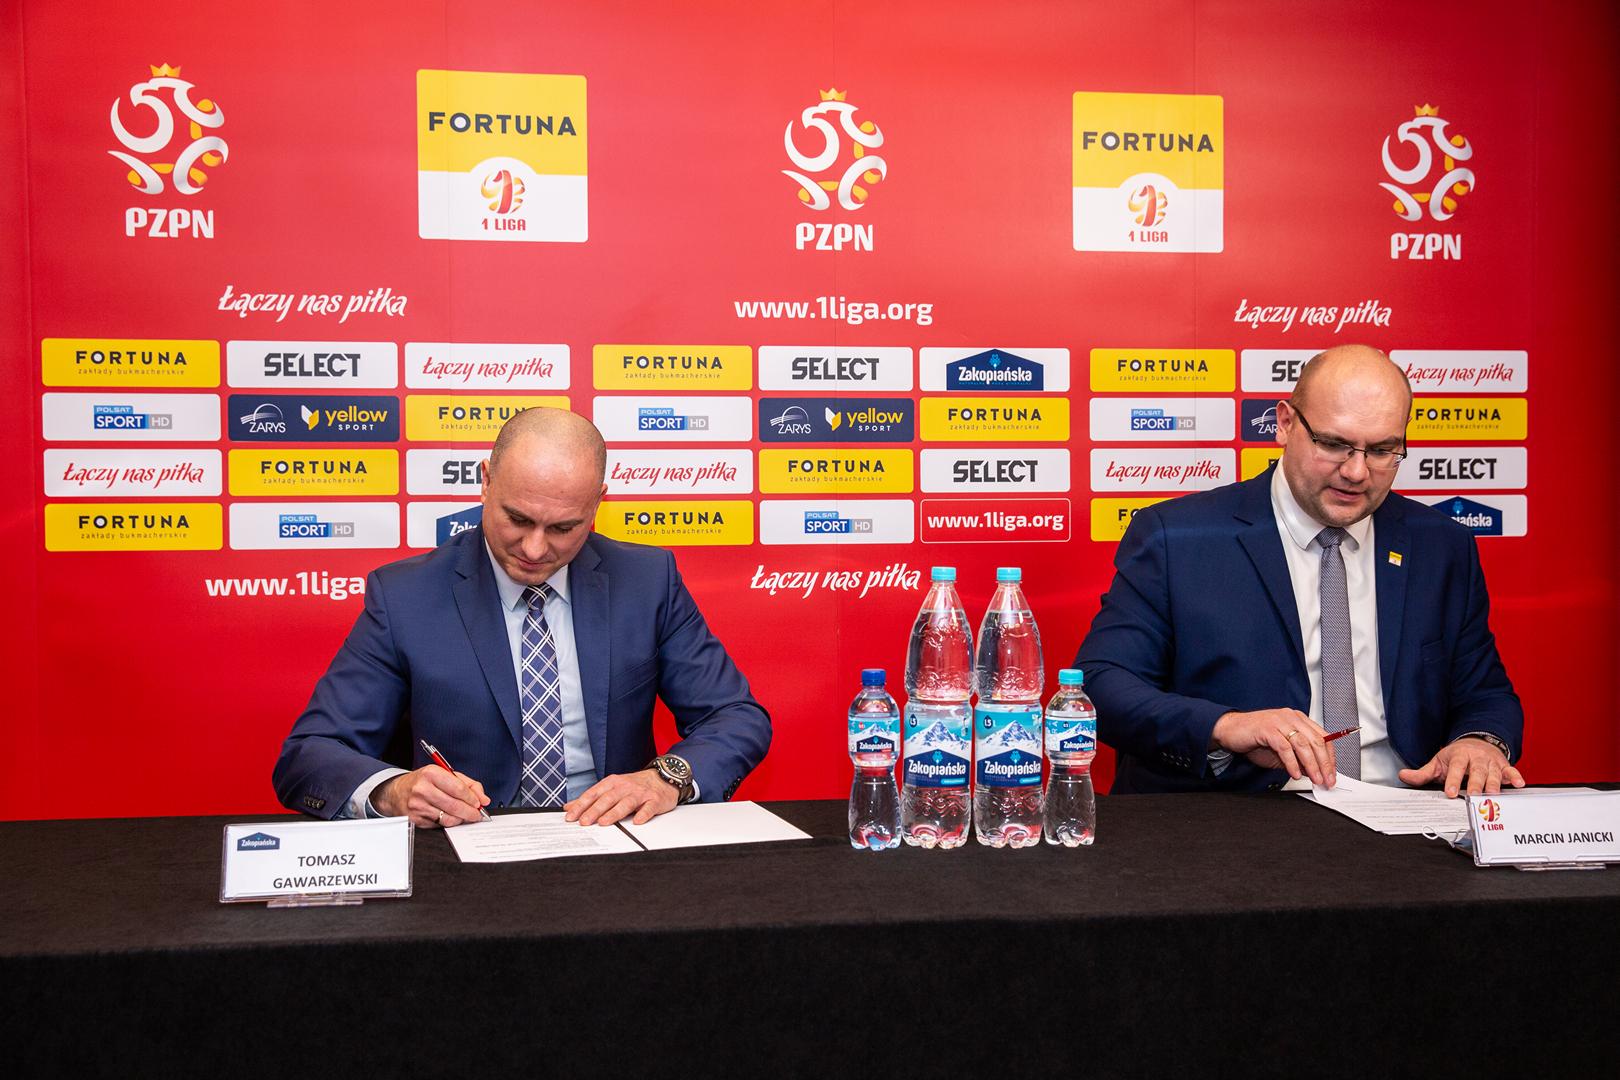 Zakopiańska Oficjalnym Partnerem Fortuna 1 Ligi